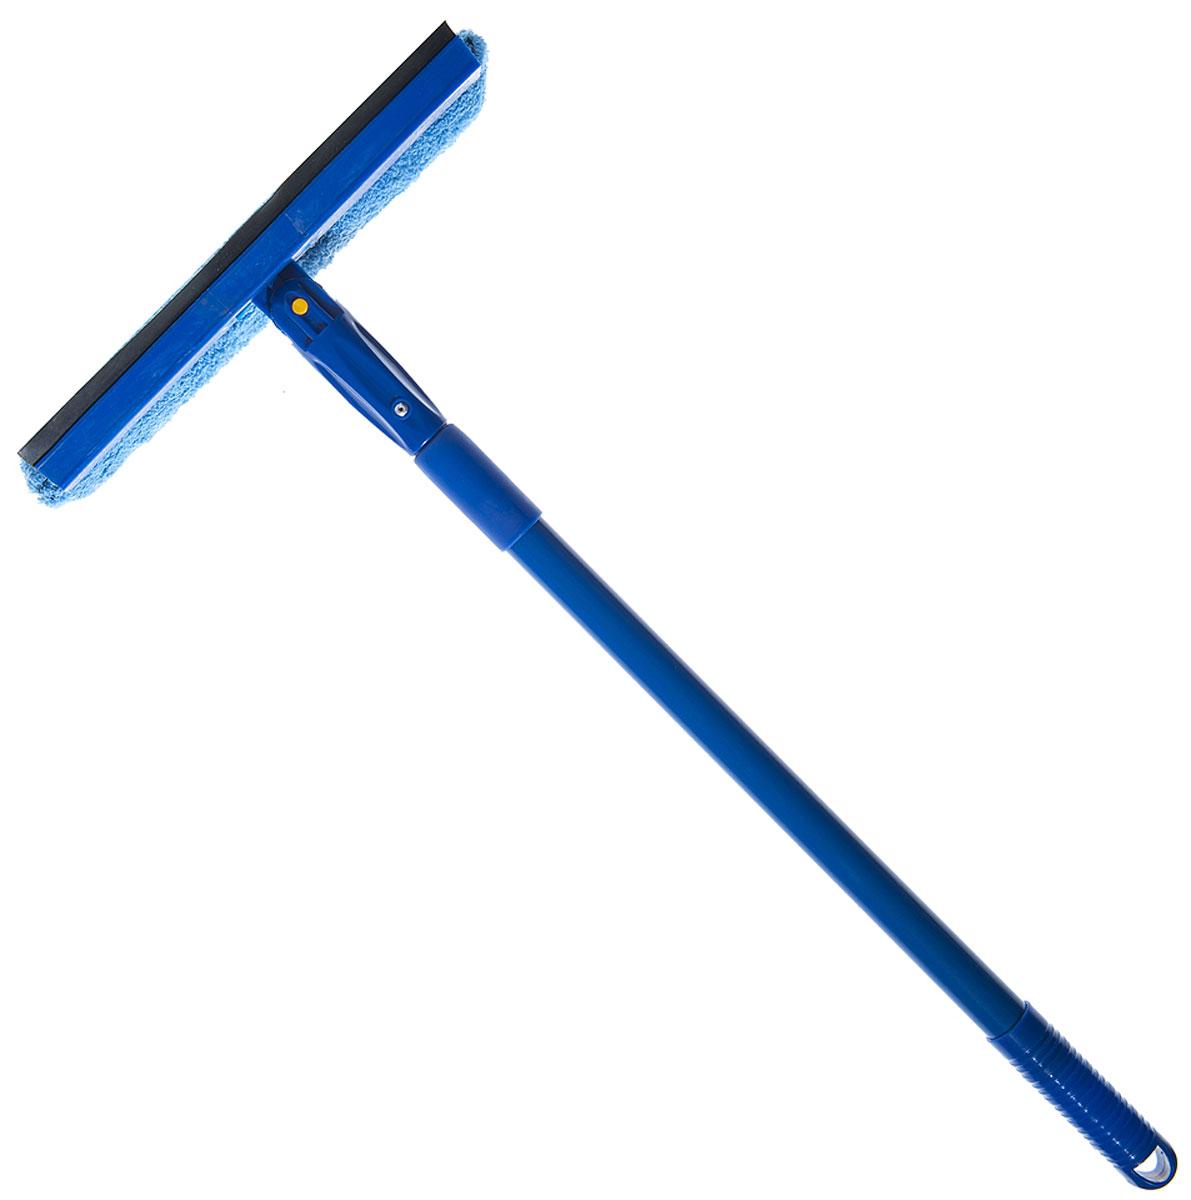 Стеклоочиститель HomeQueen, поворотный, с телескопической ручкой, цвет: синий70066Стеклоочиститель HomeQueen станет незаменимым помощником при уборке. Он стирает жидкость со стекла благодаря мягкой губке, а для полного вытирания имеется резиновая кромка. Стеклоочиститель имеет крепление к телескопической ручке.Ширина насадки: 25 cм.Длина ручки: 40-80 см.